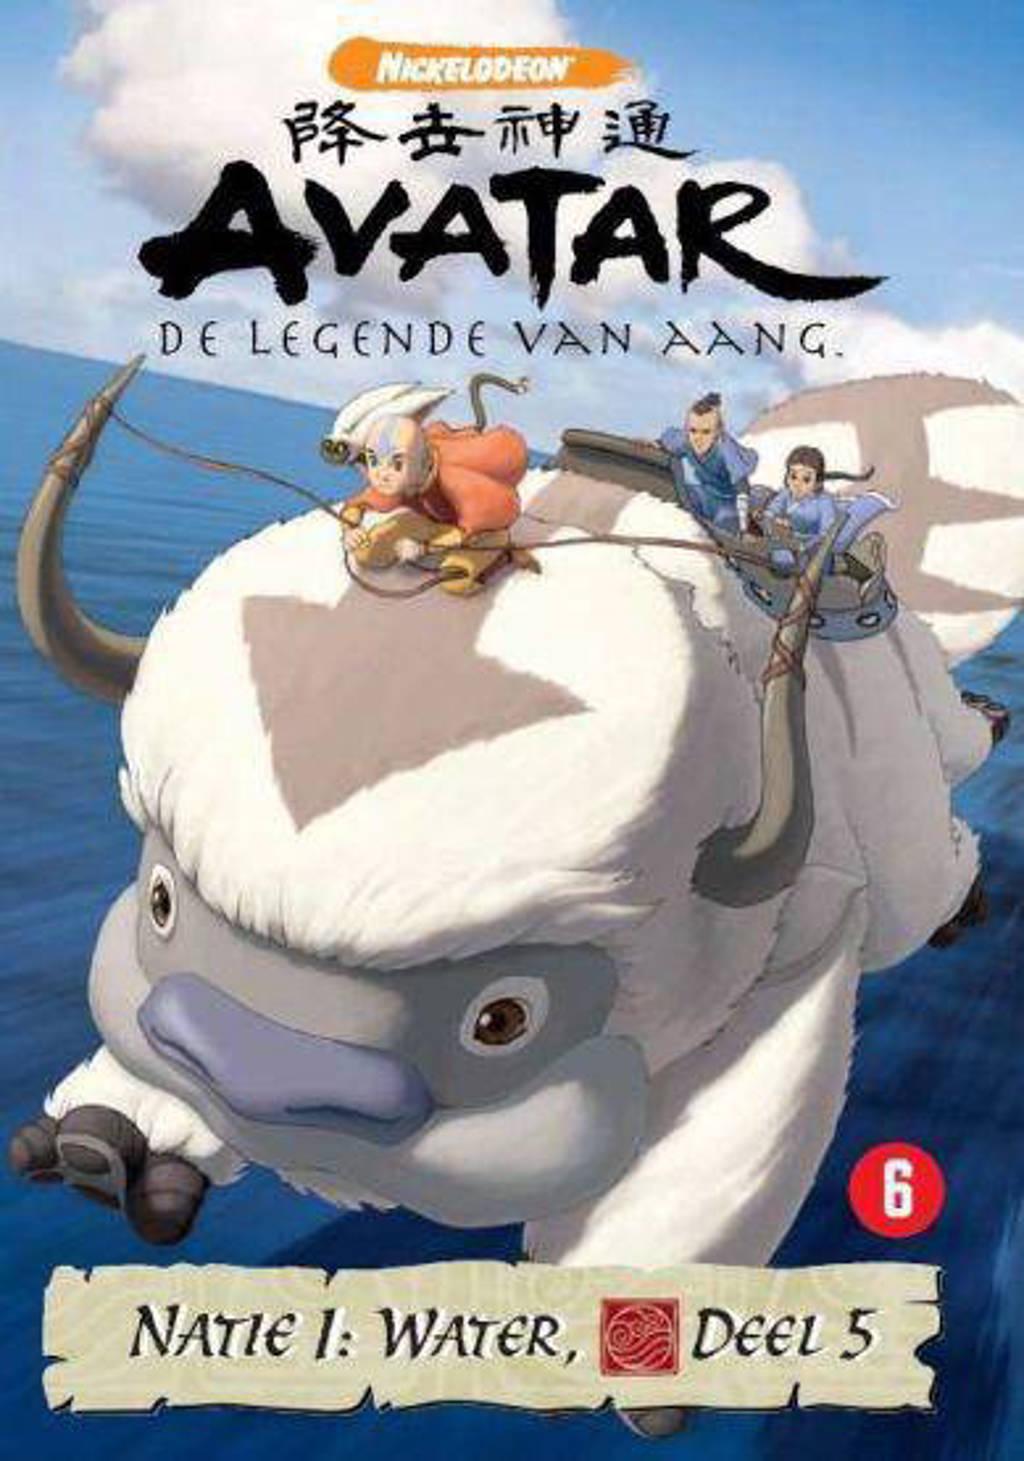 Avatar natie 1 - Water deel 5 (DVD)